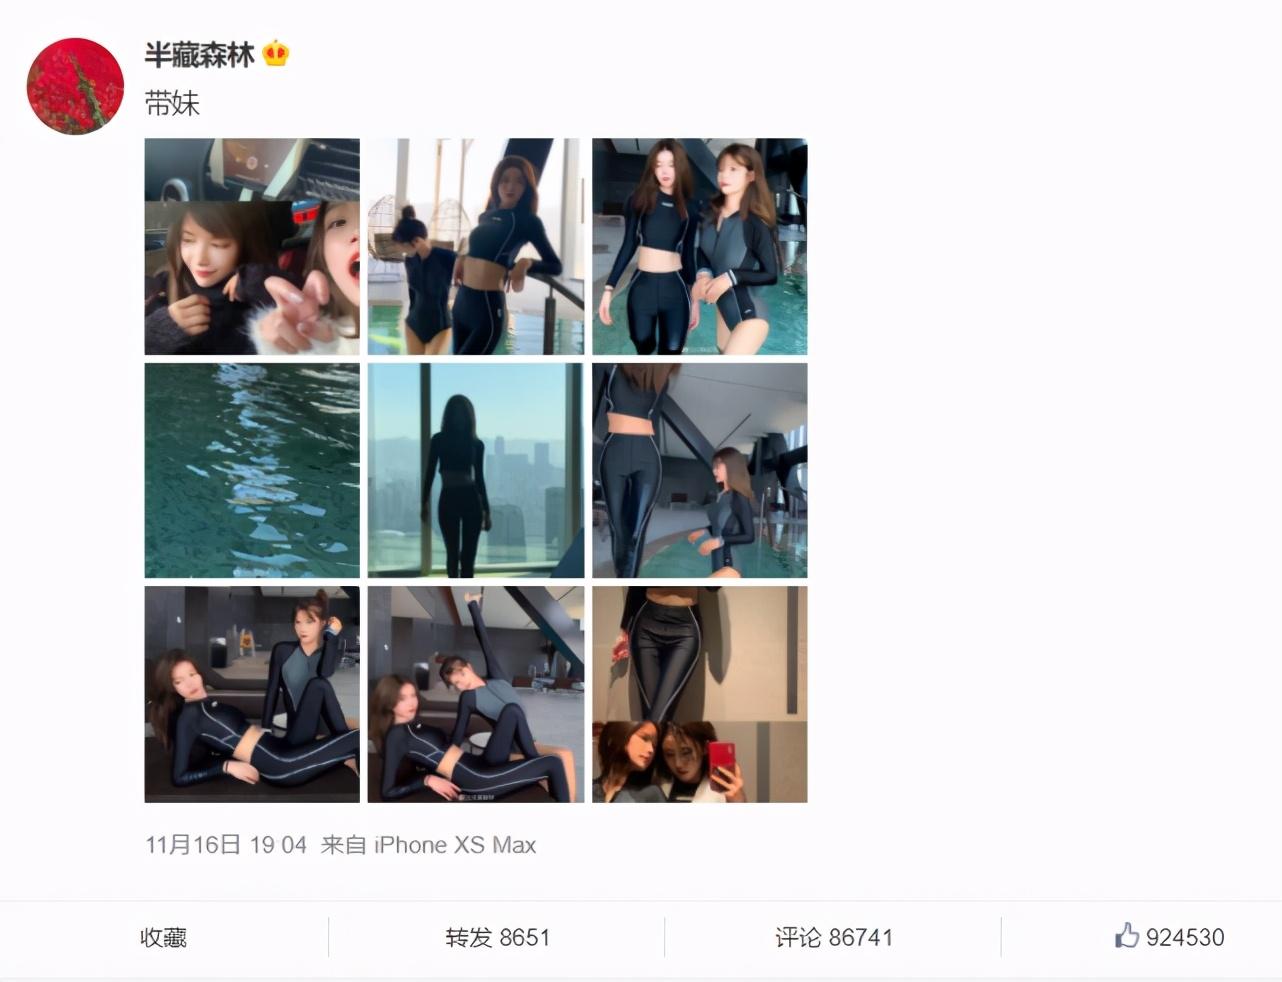 王思聪5个字评论半藏泳装照,本意是讽刺,不料却翻了车